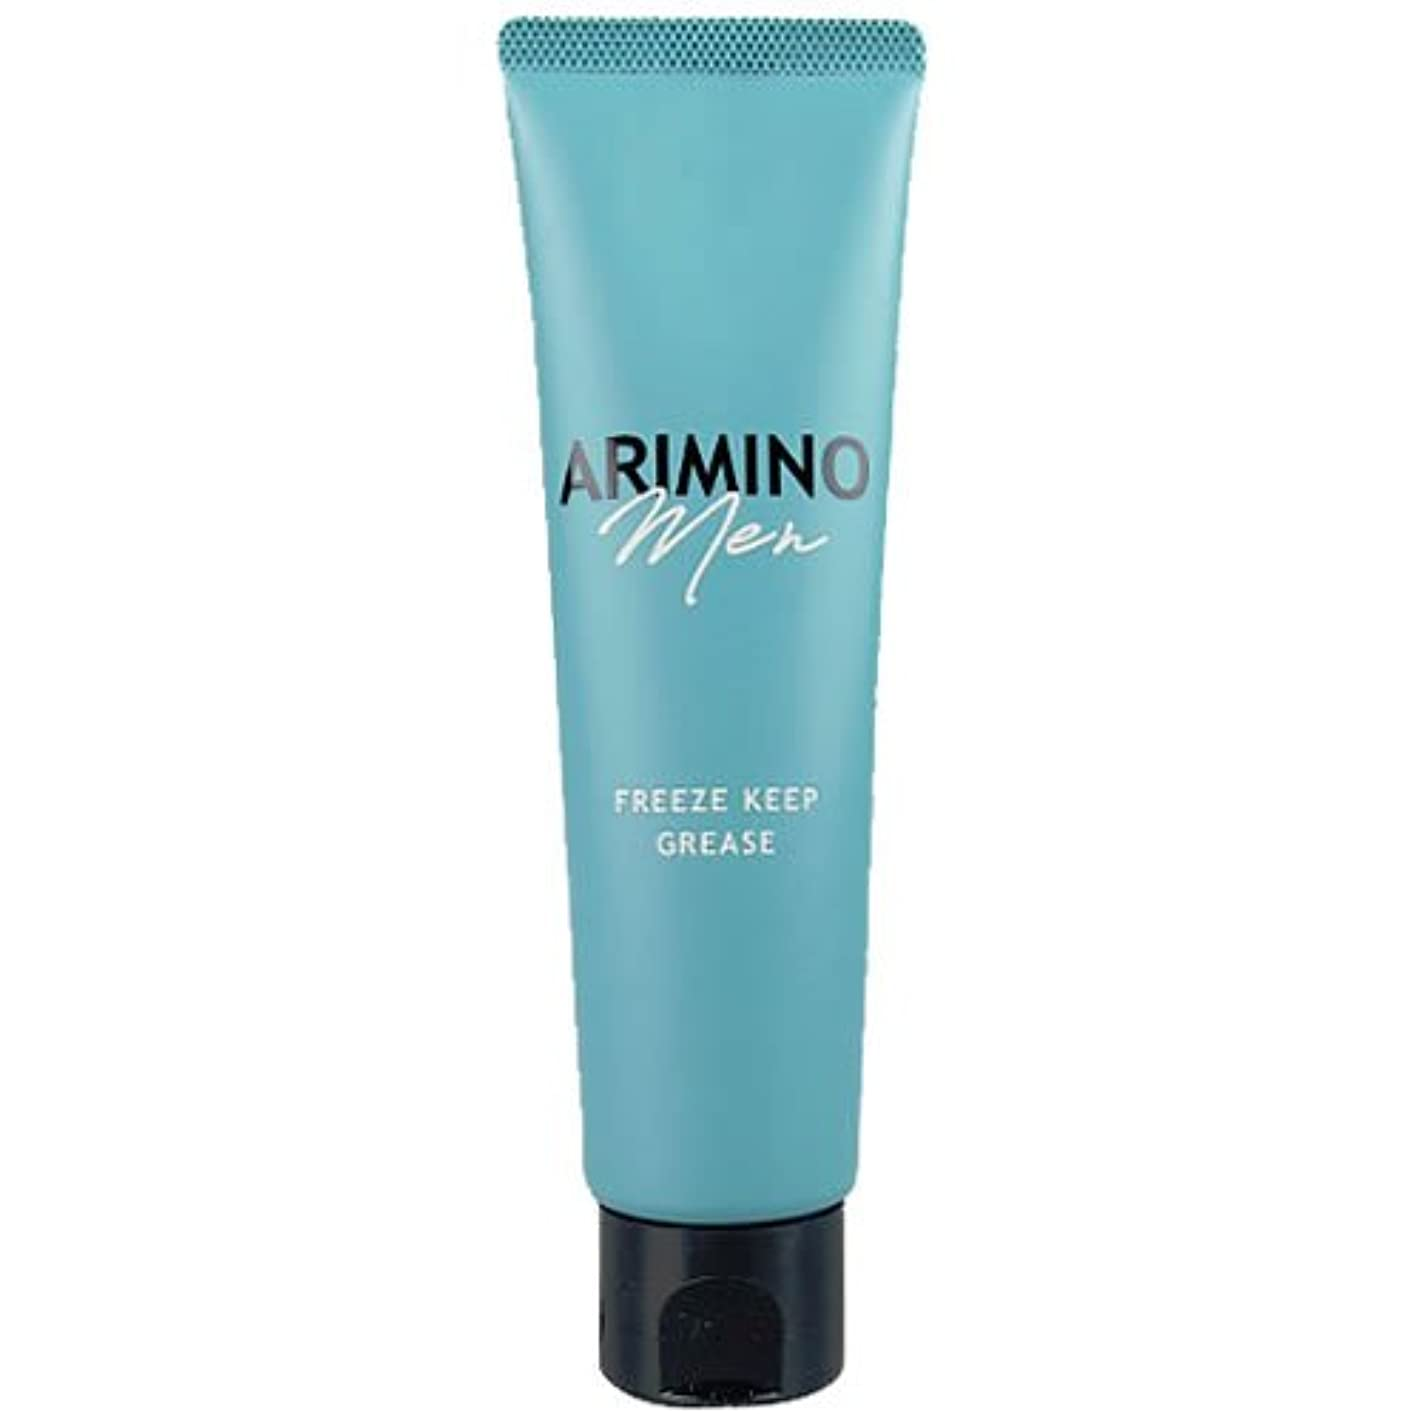 医薬カレンダーノーブルアリミノ ARIMINO アリミノ メン フリーズキープ グリース 100g [並行輸入品]